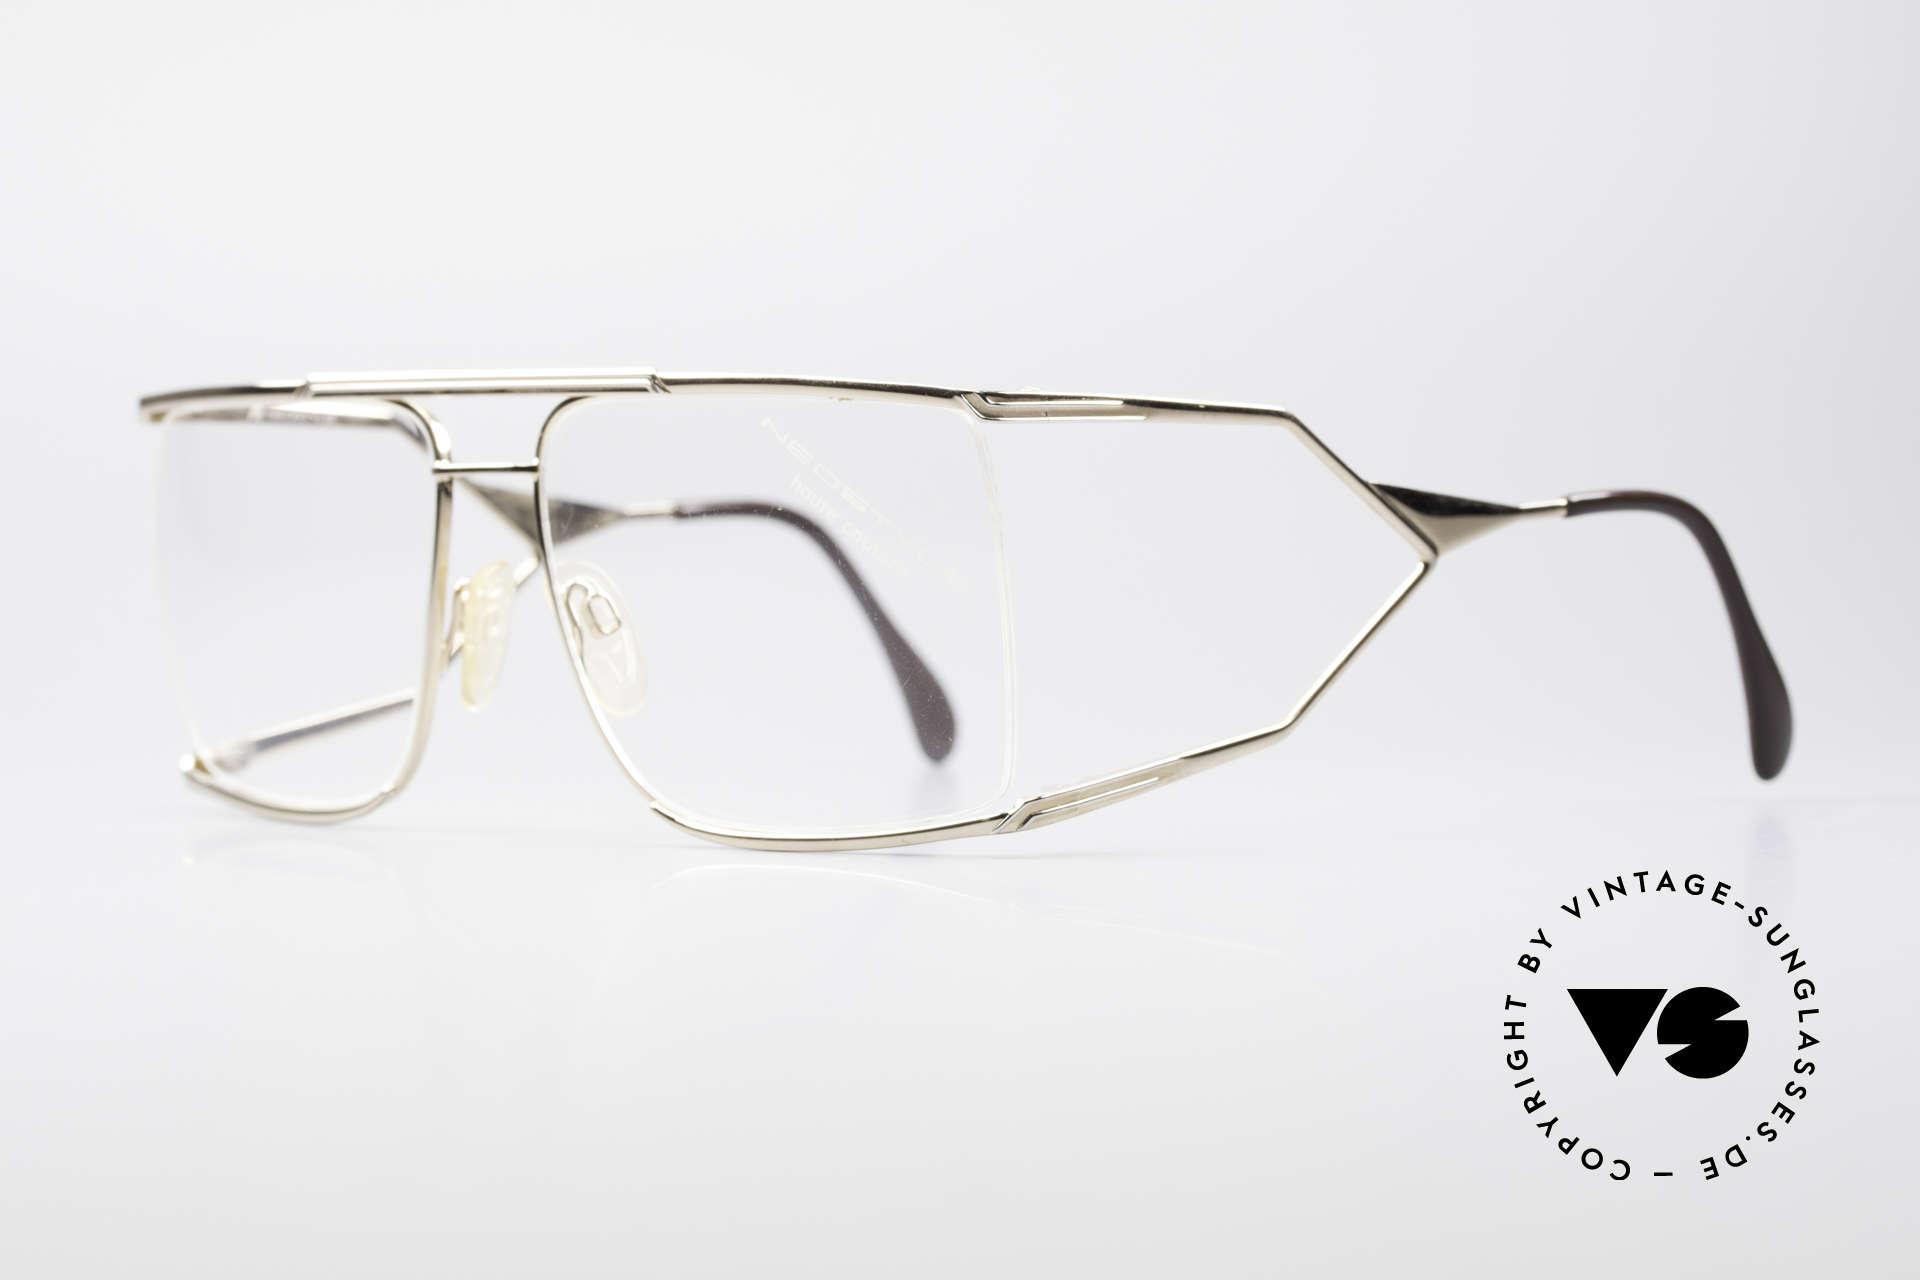 Neostyle Nautic 6 Miami Vice Vintage Brille, getragen von JOSEPH TURKEL in Miami Vice, 1988, Passend für Herren